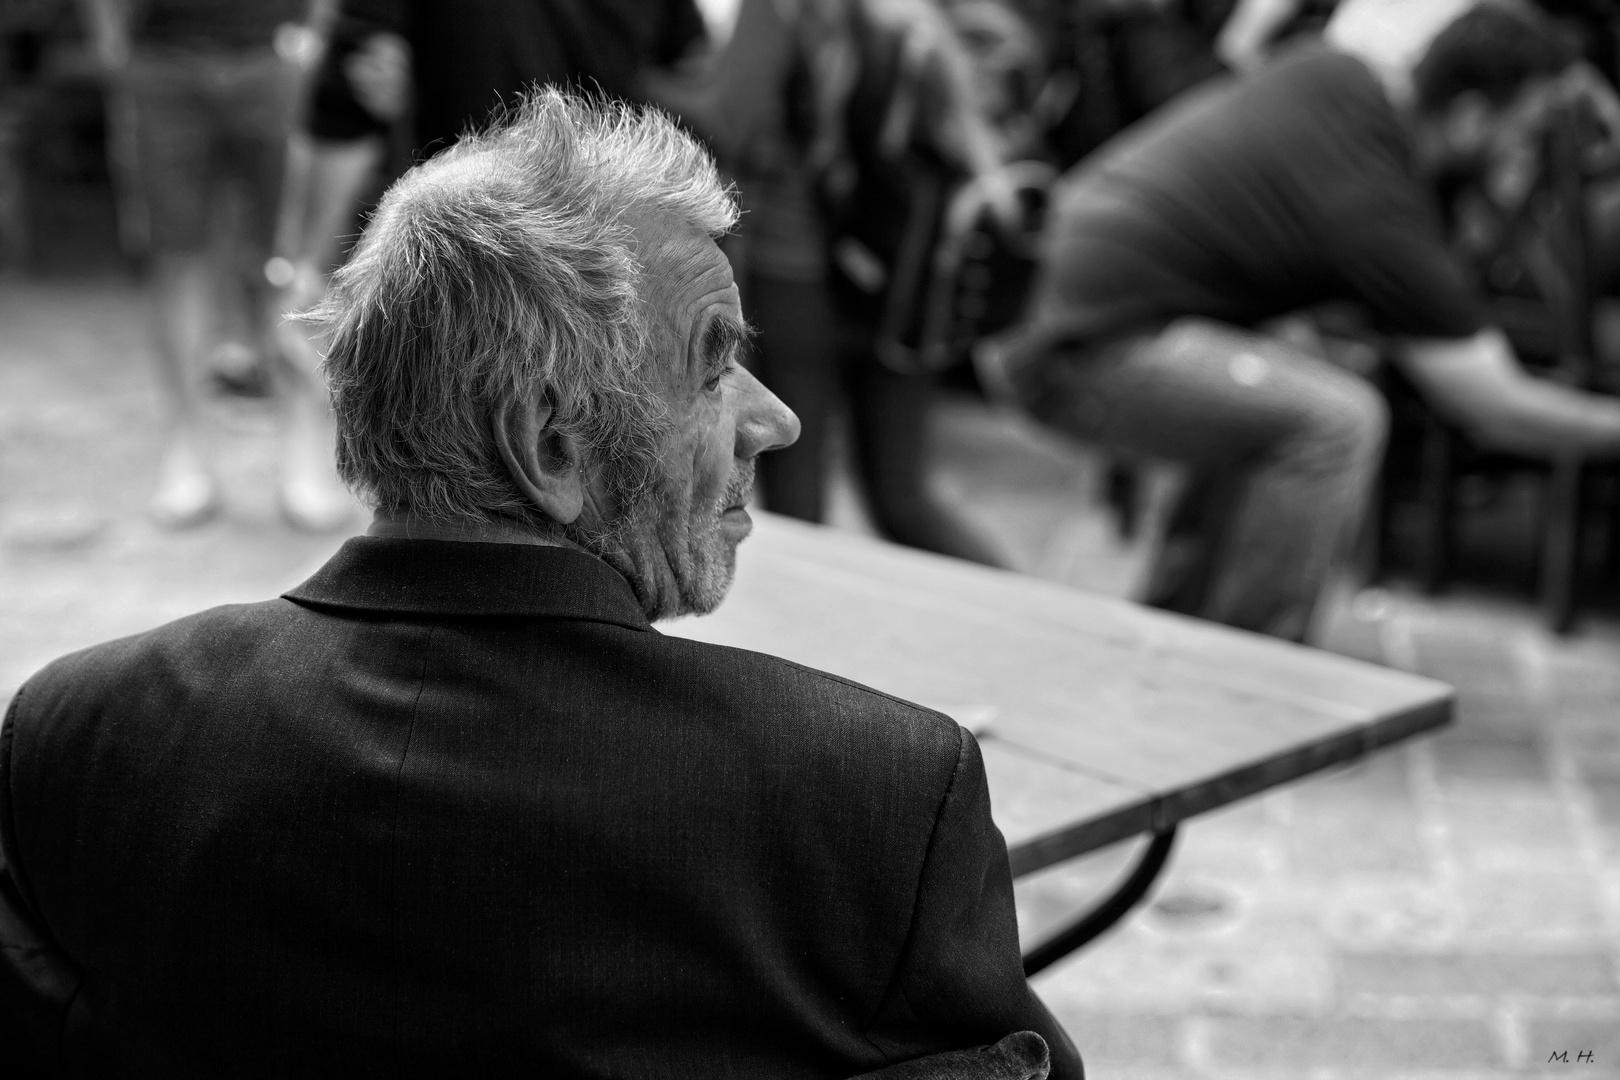 Der Einsame Foto & Bild   erwachsene, fotokunst, menschen